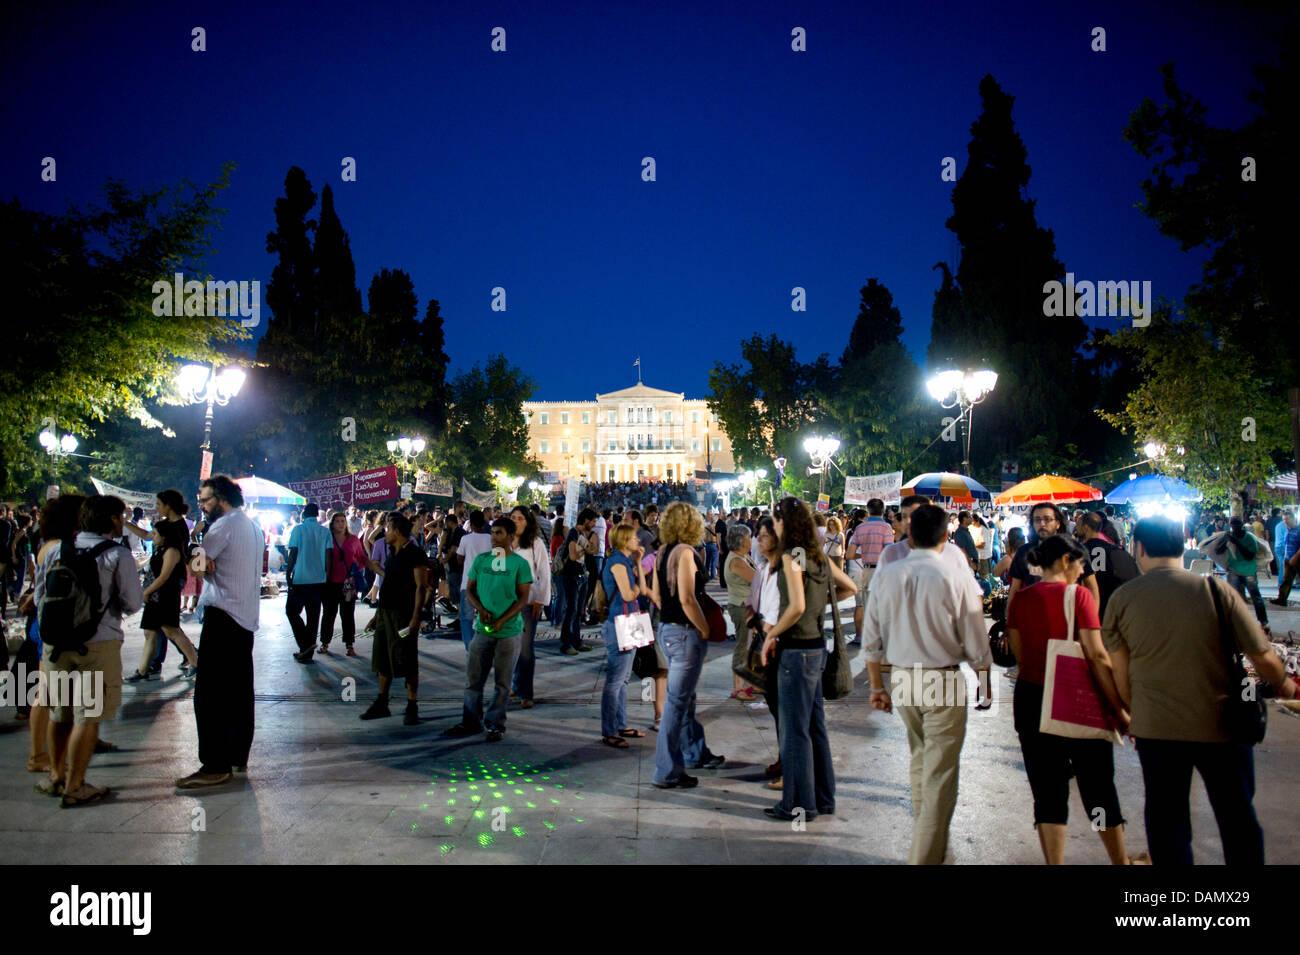 Tausende von Demonstranten haben sich am Donnerstag (30.06.2011) vor dem Parlament in Athen, Griechenland, versammelt. - Stock Image